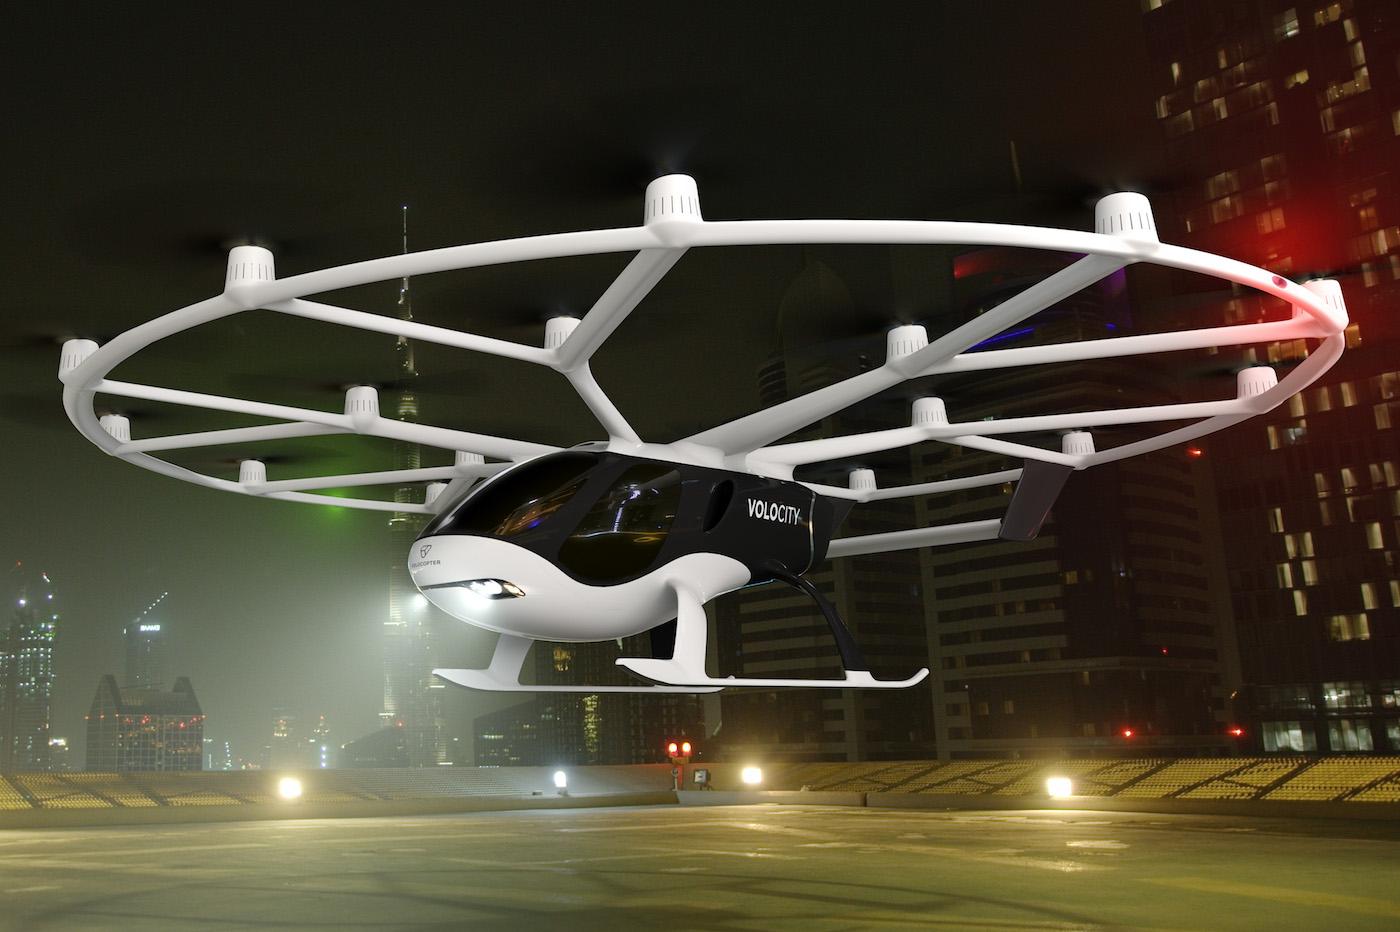 VoloCity la dernière génération de taxi volant couçu par Volocopter - DR